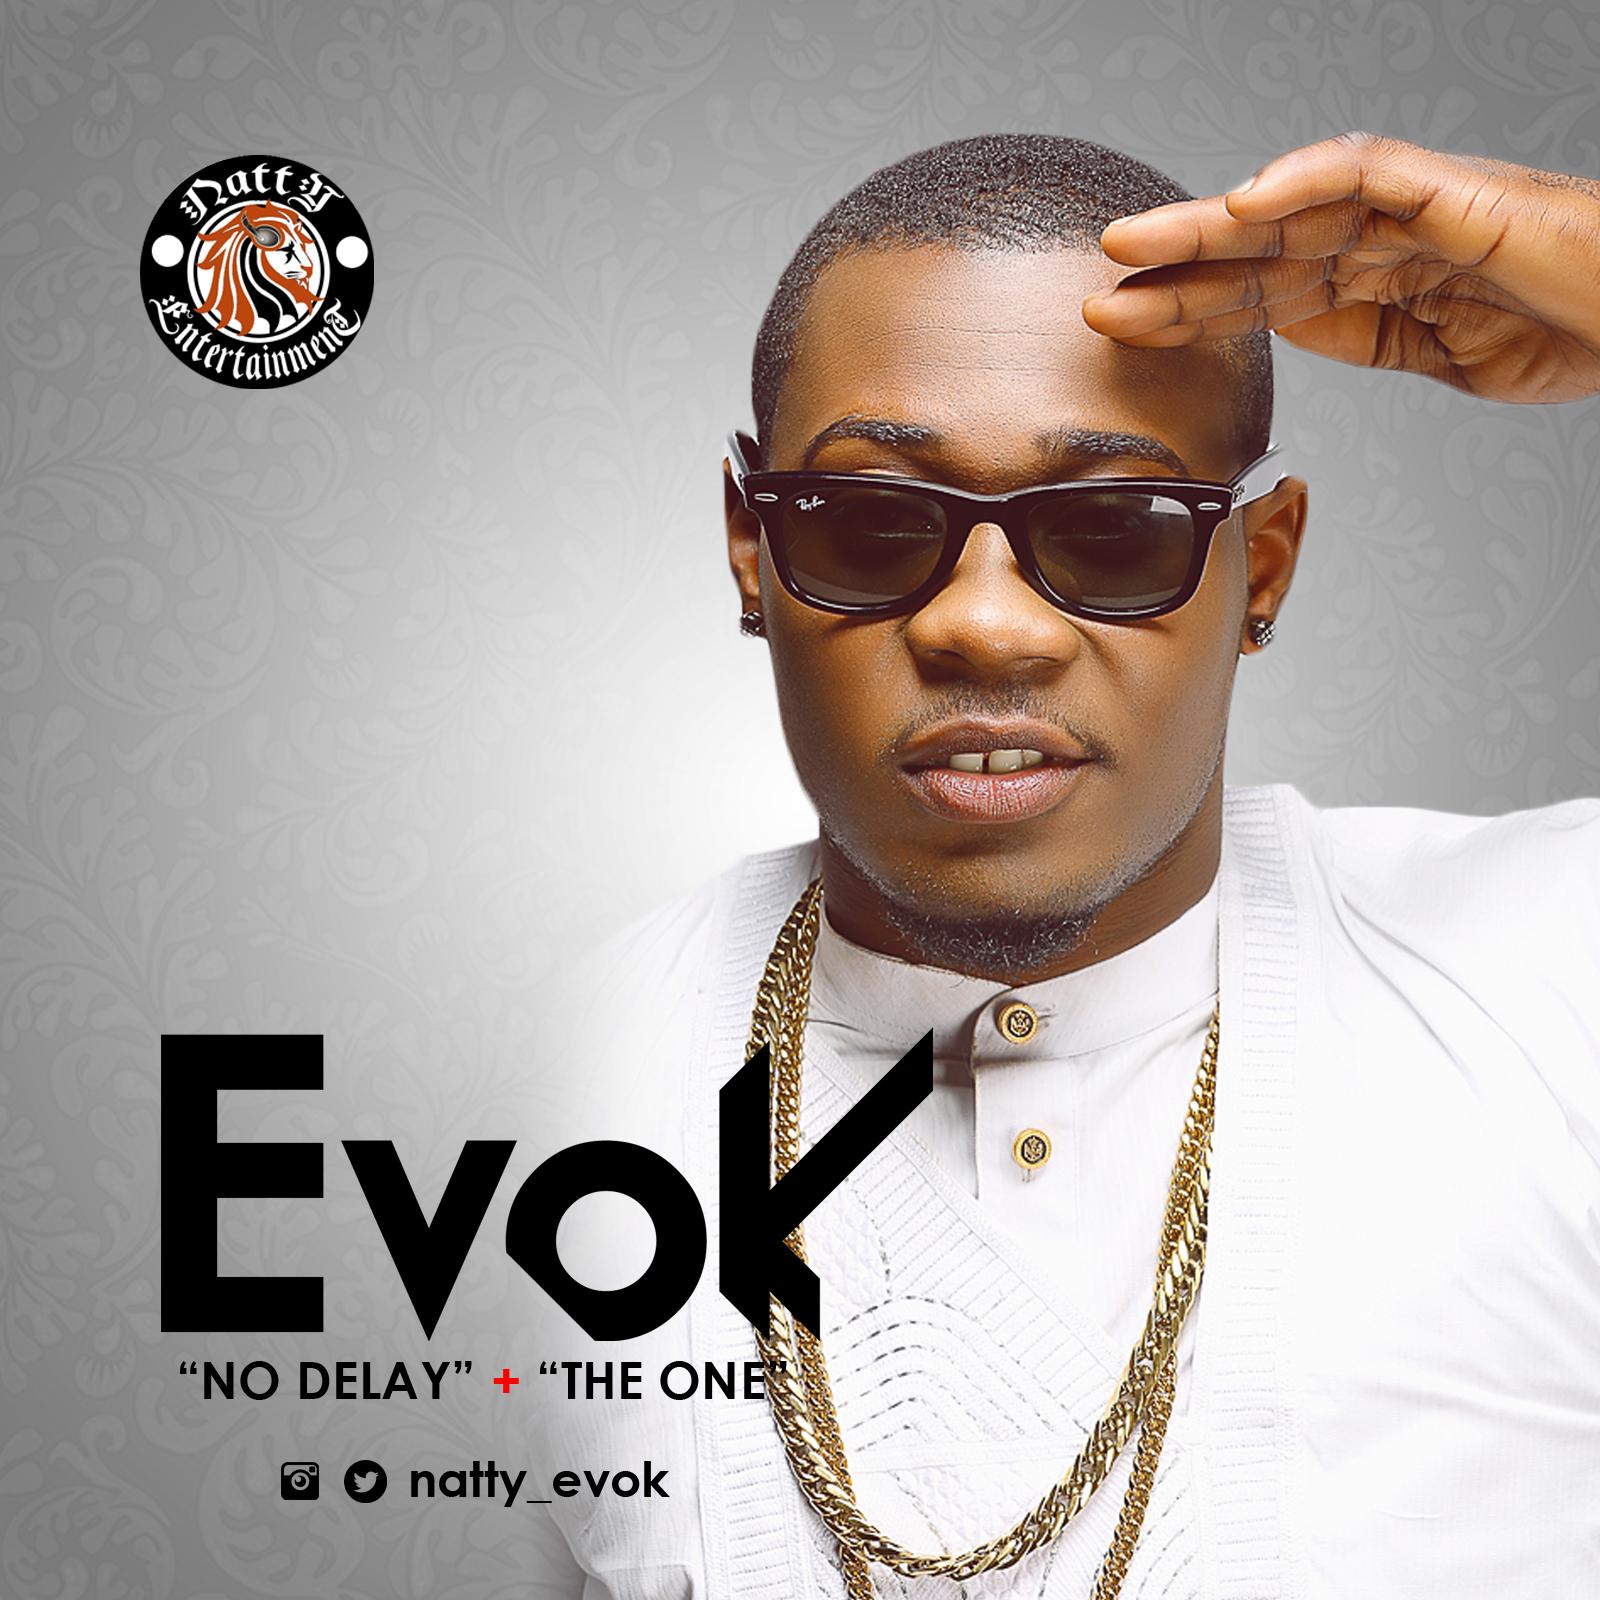 Evok - The Singles [Art Front]